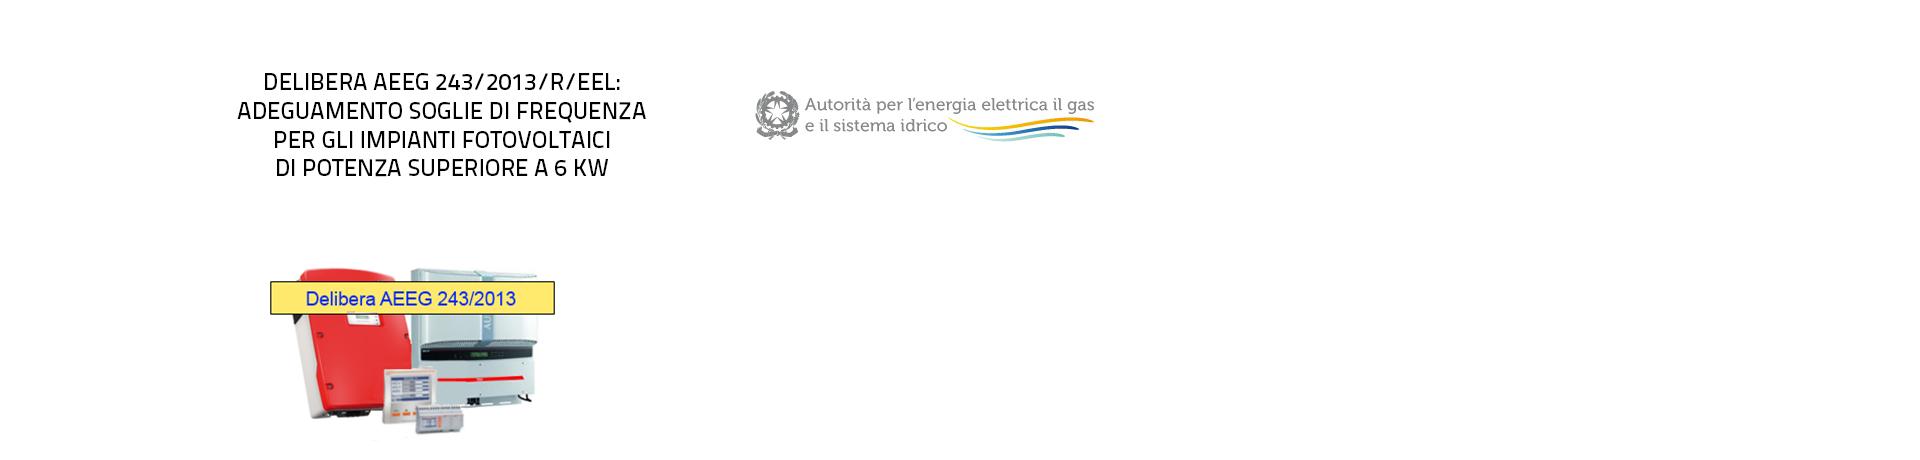 Delibera-AEEG-2432013REEL-adeguamento-soglie-di-frequenza-per-gli-impianti-fotovoltaici